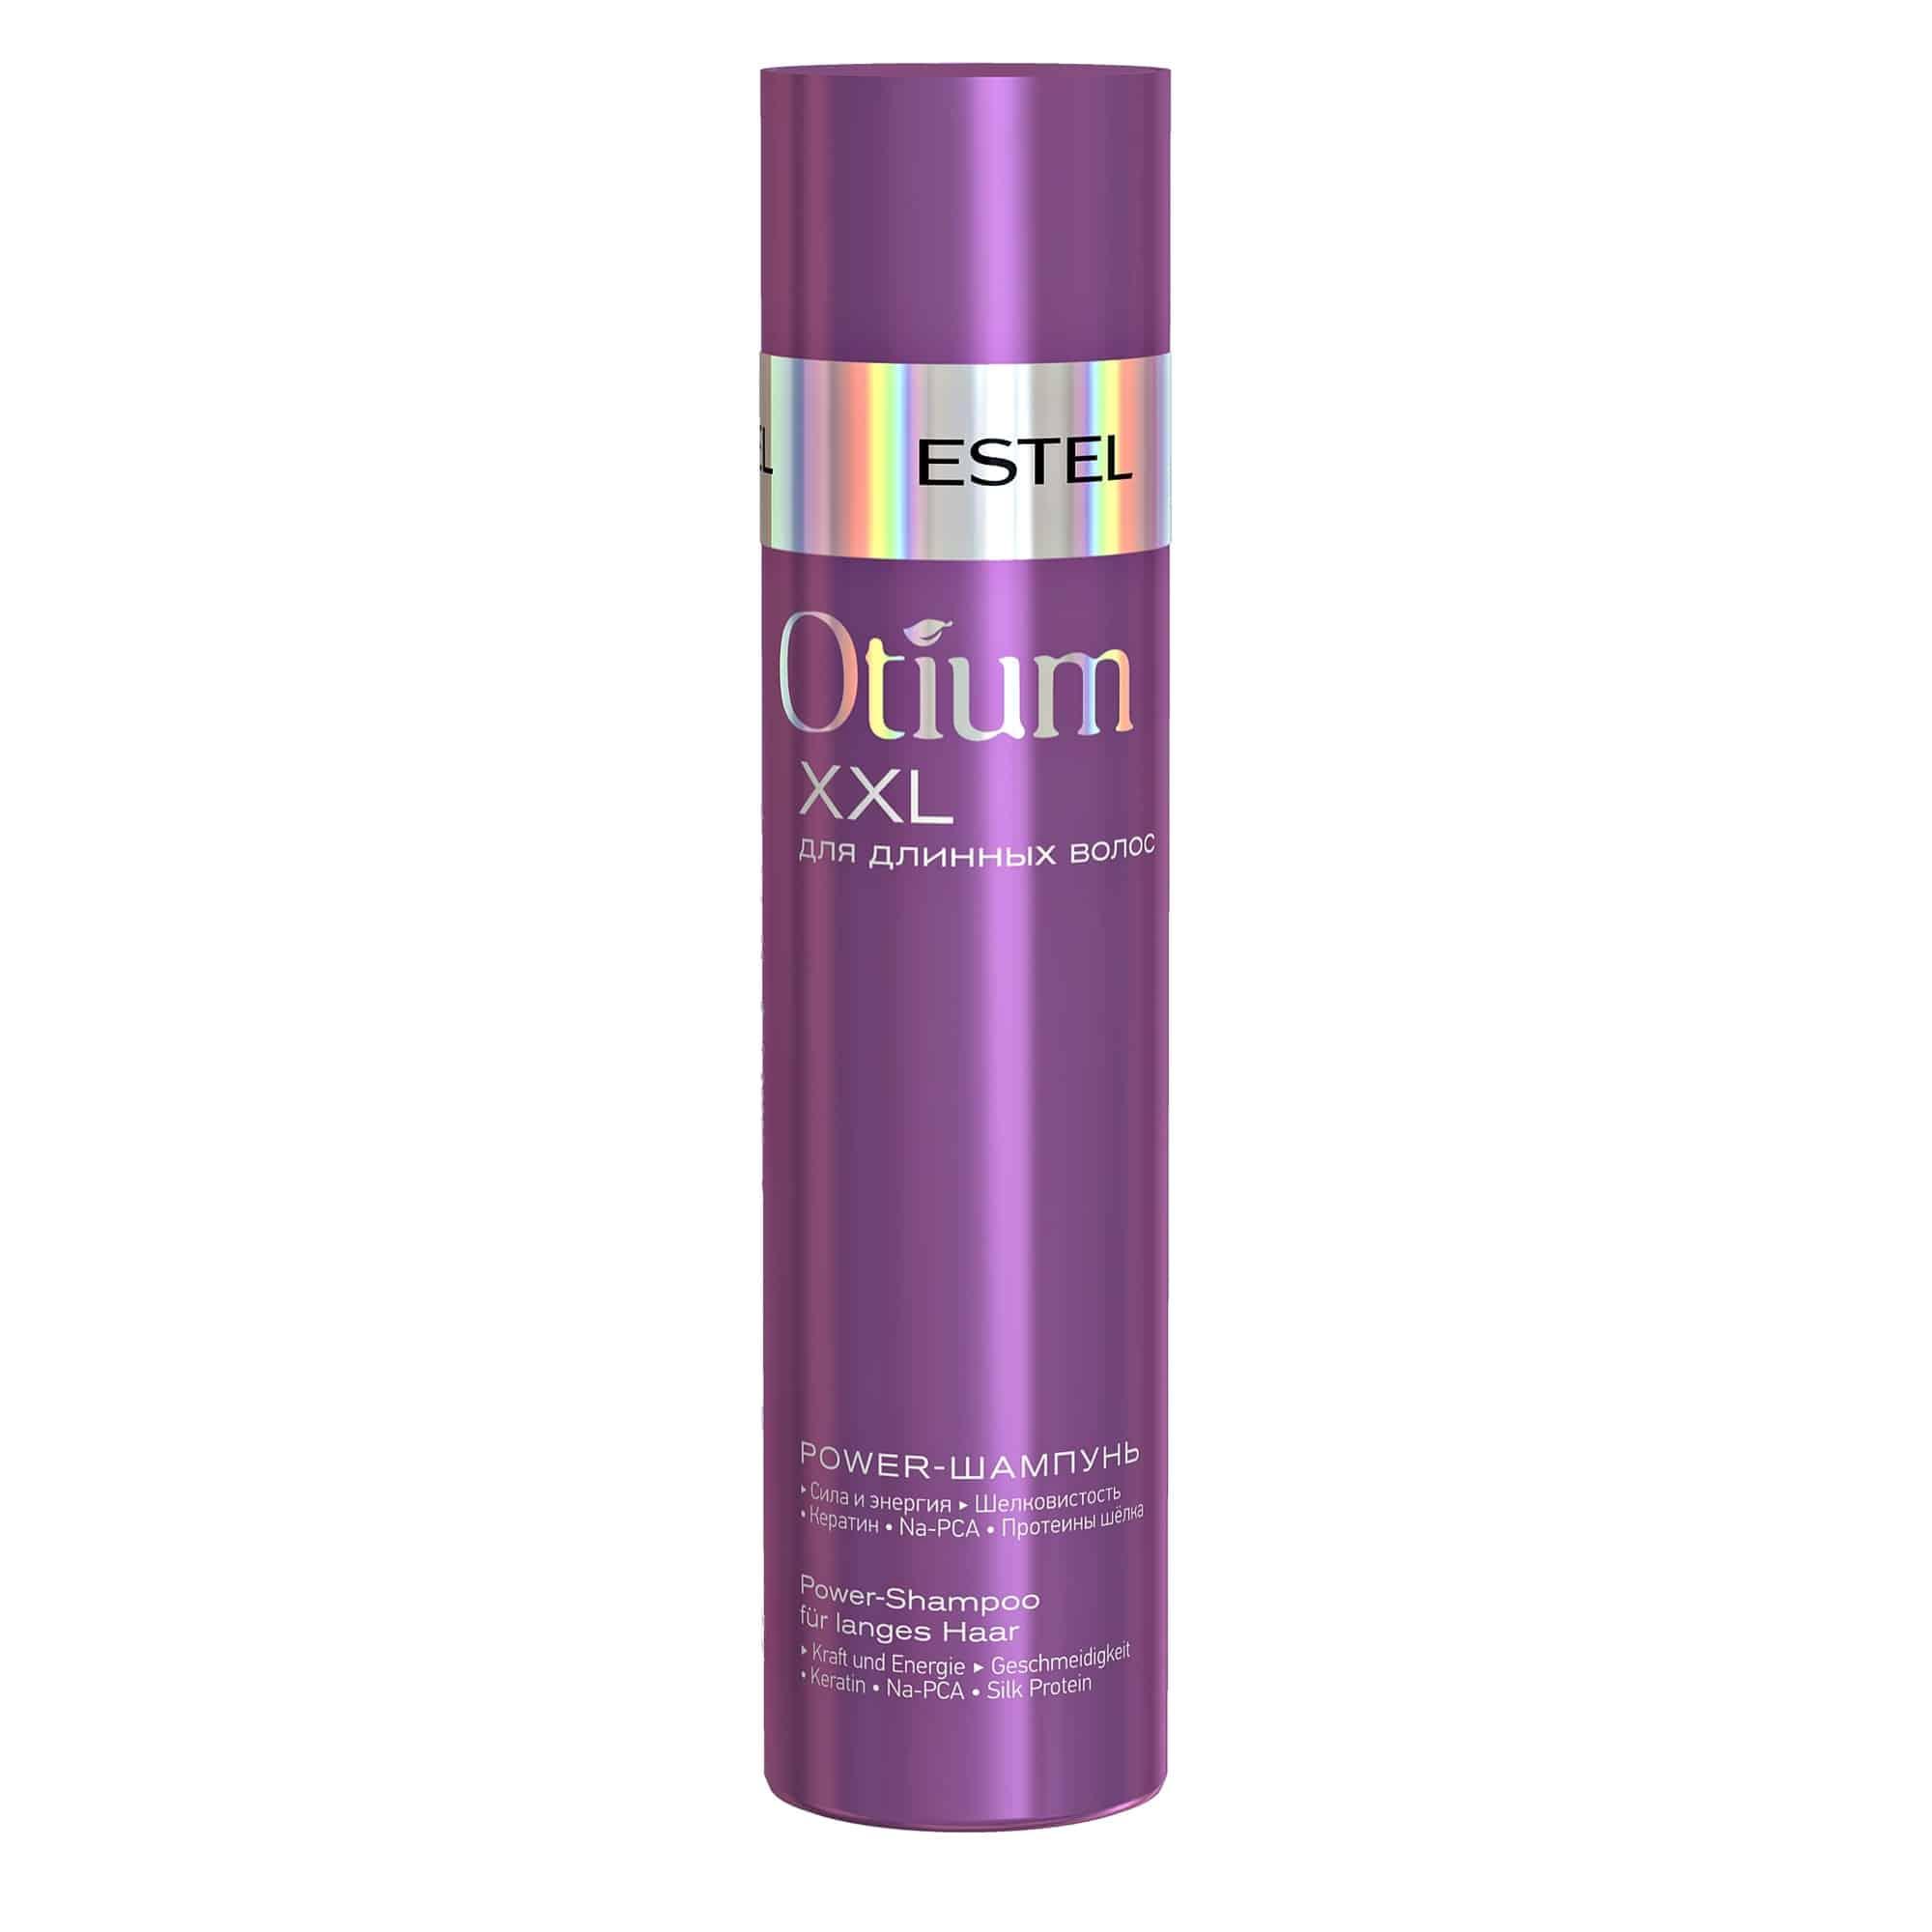 Otium XXL Power-Shampoo für langes Haar von ESTEL